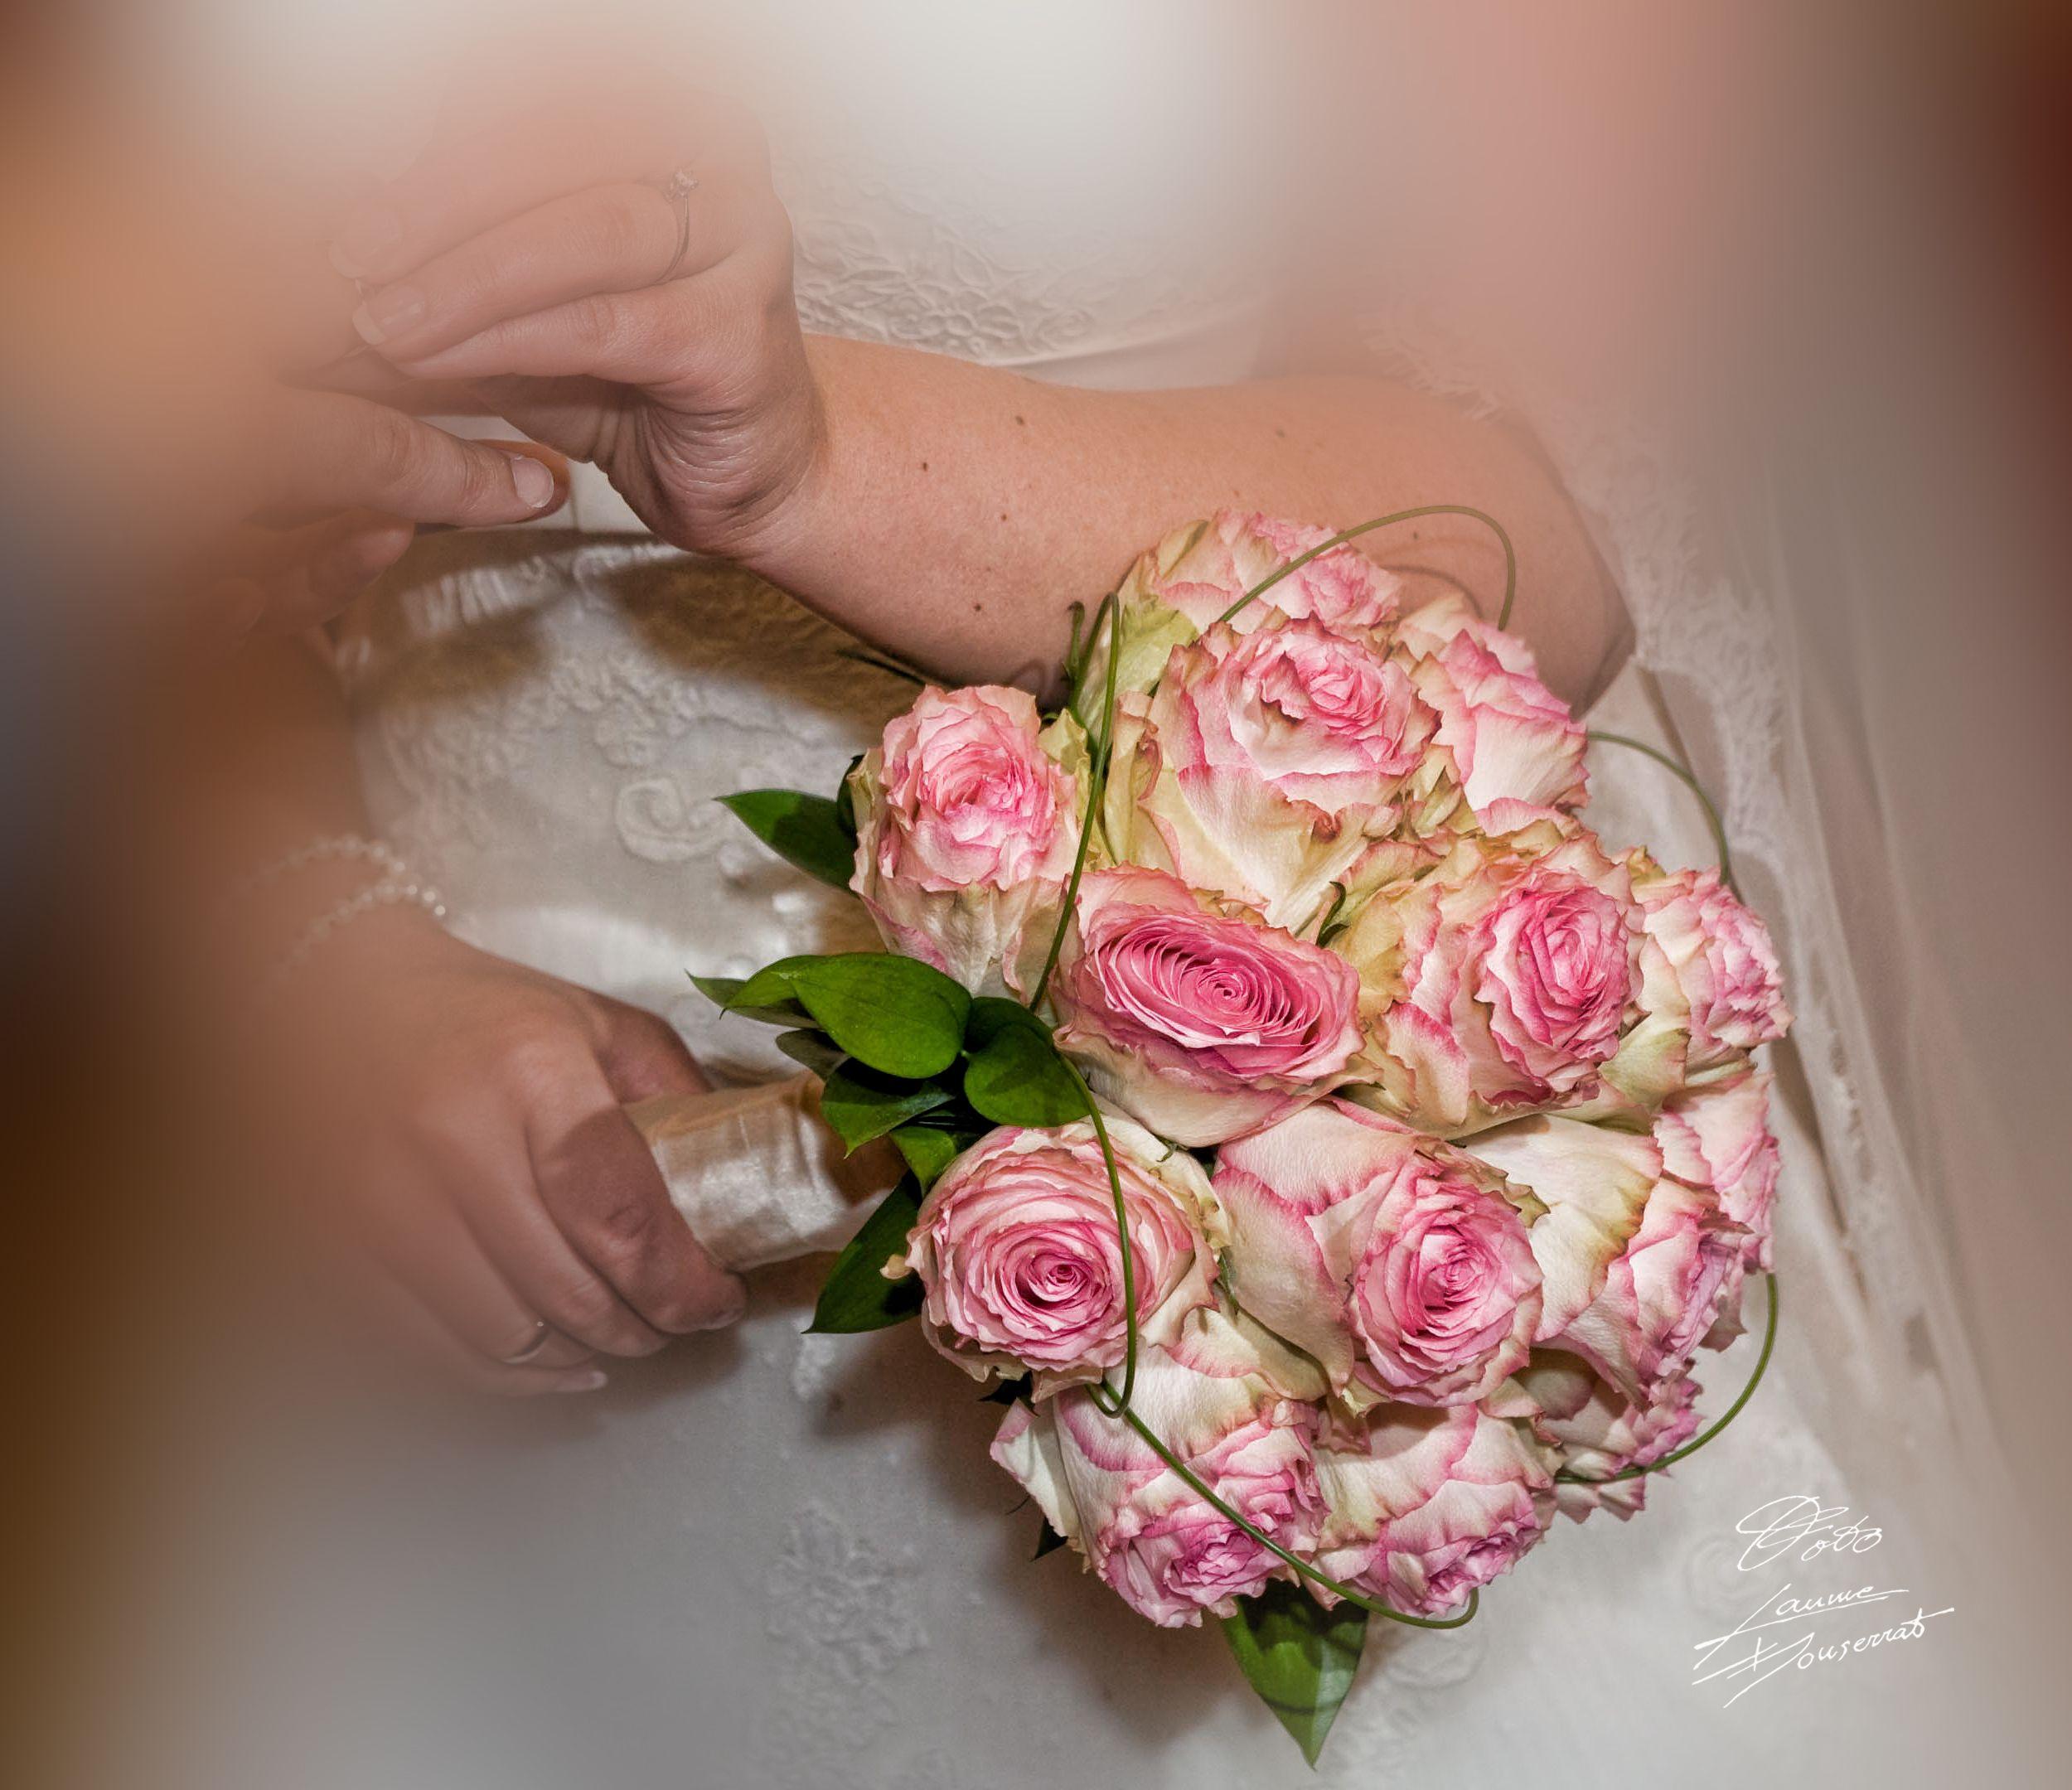 Bride Boquete, Wedding in Mallorca  June 2012